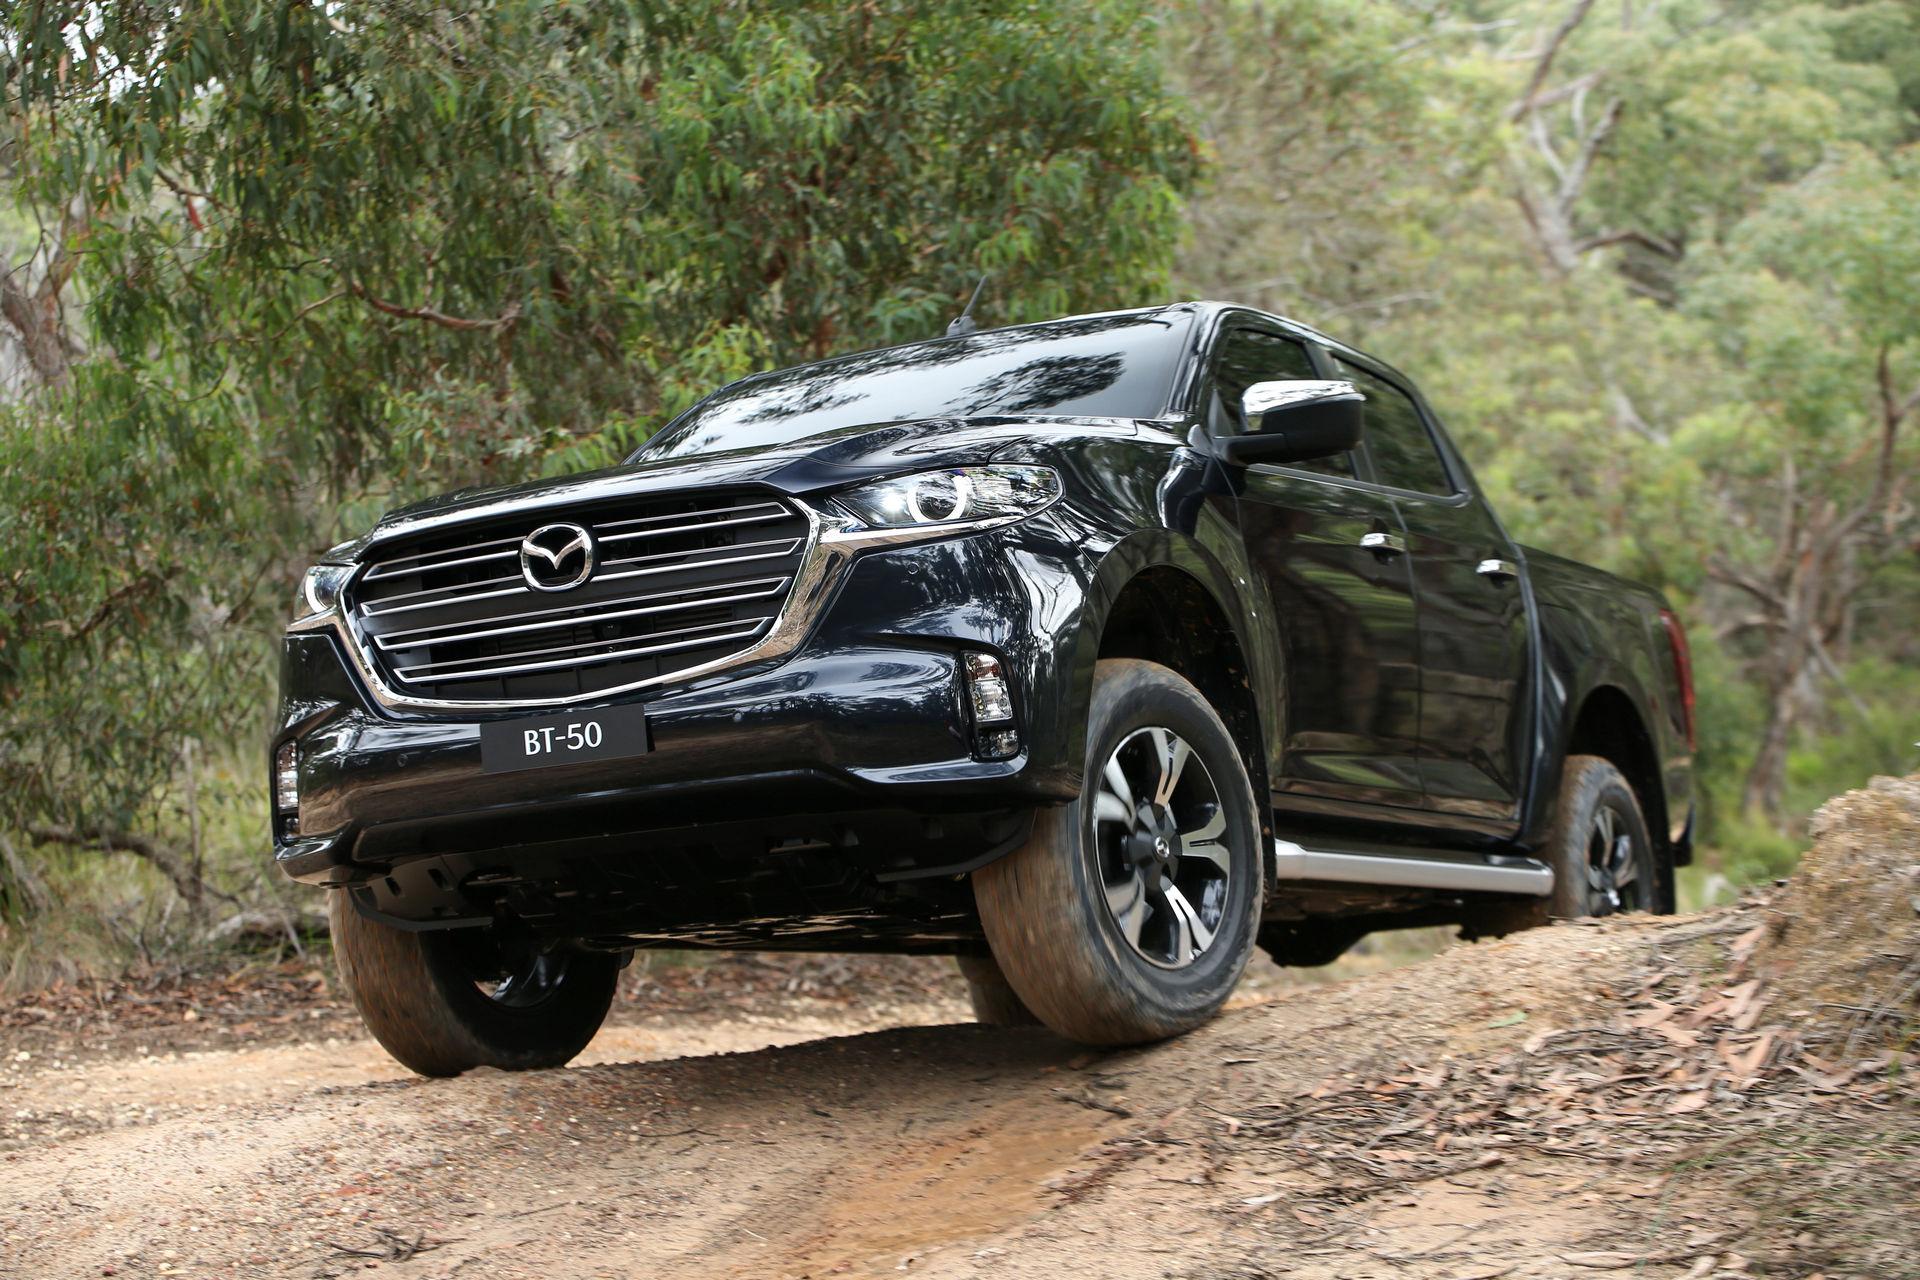 Кодо дизајн и за камионетот на Mazda: деби за новиот BT-50 / ФОТО+ВИДЕО